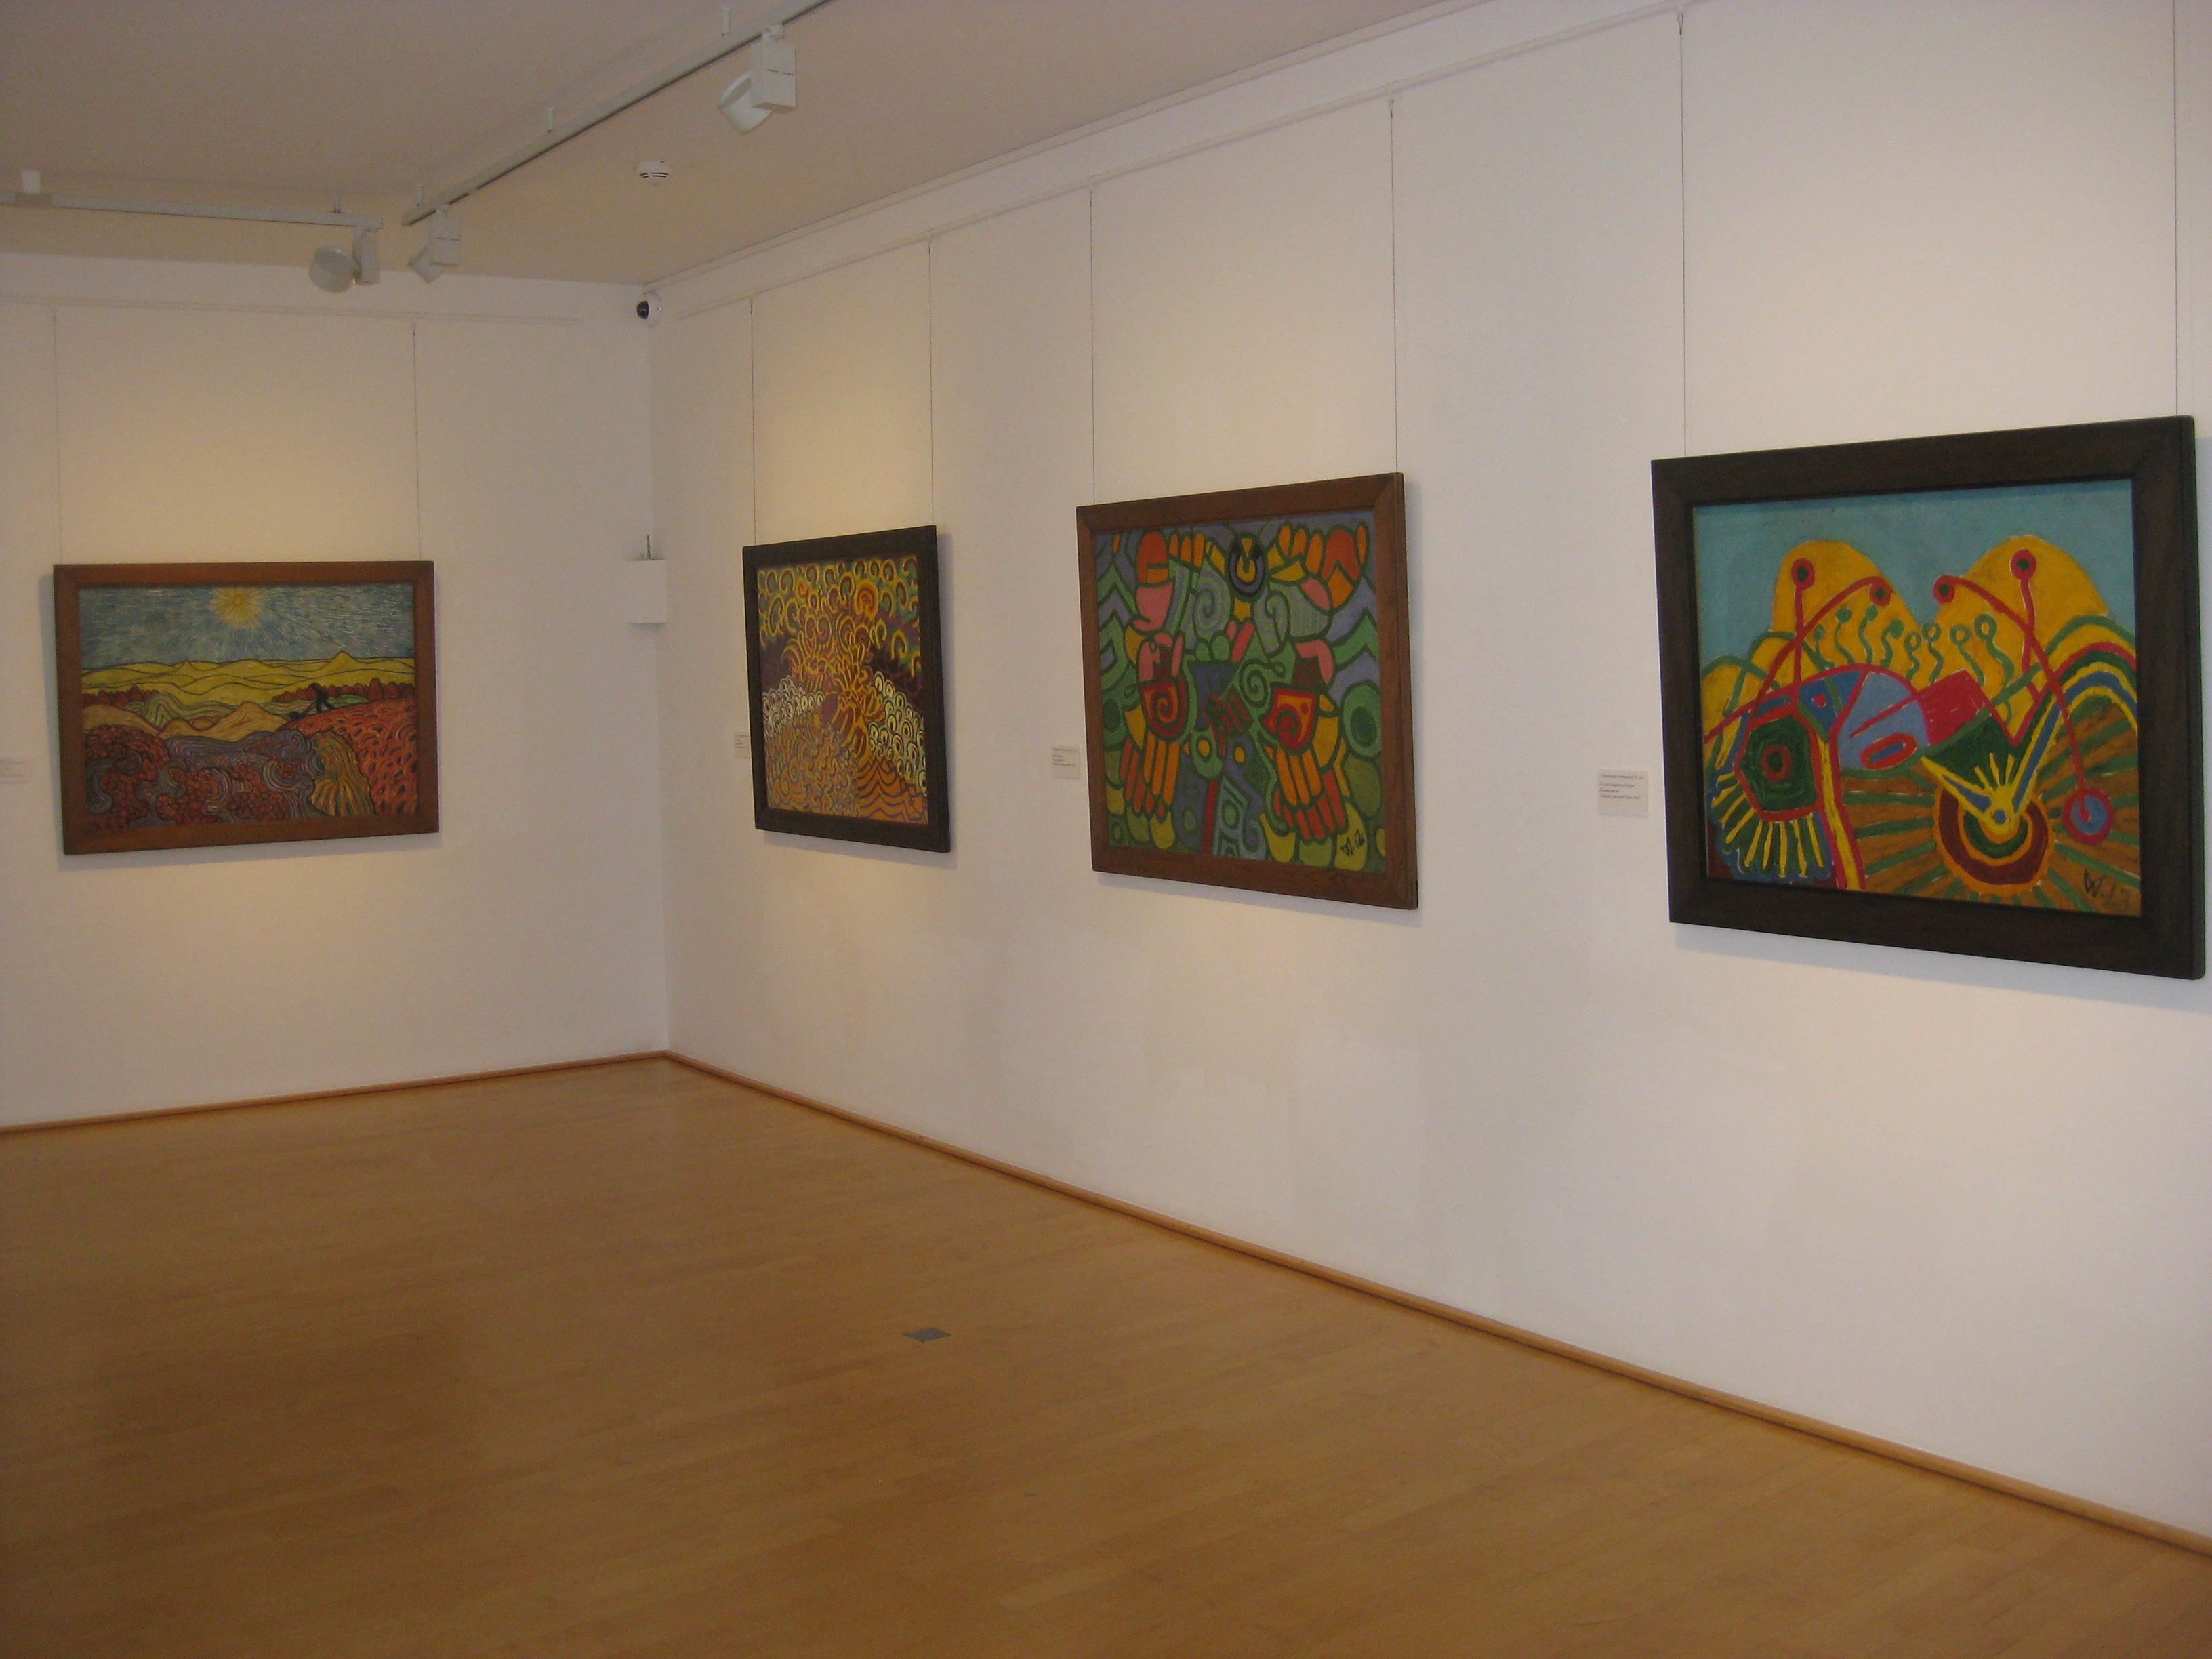 ein Raum mit vier verschiedenen Bildern von Wilhelm Morgner